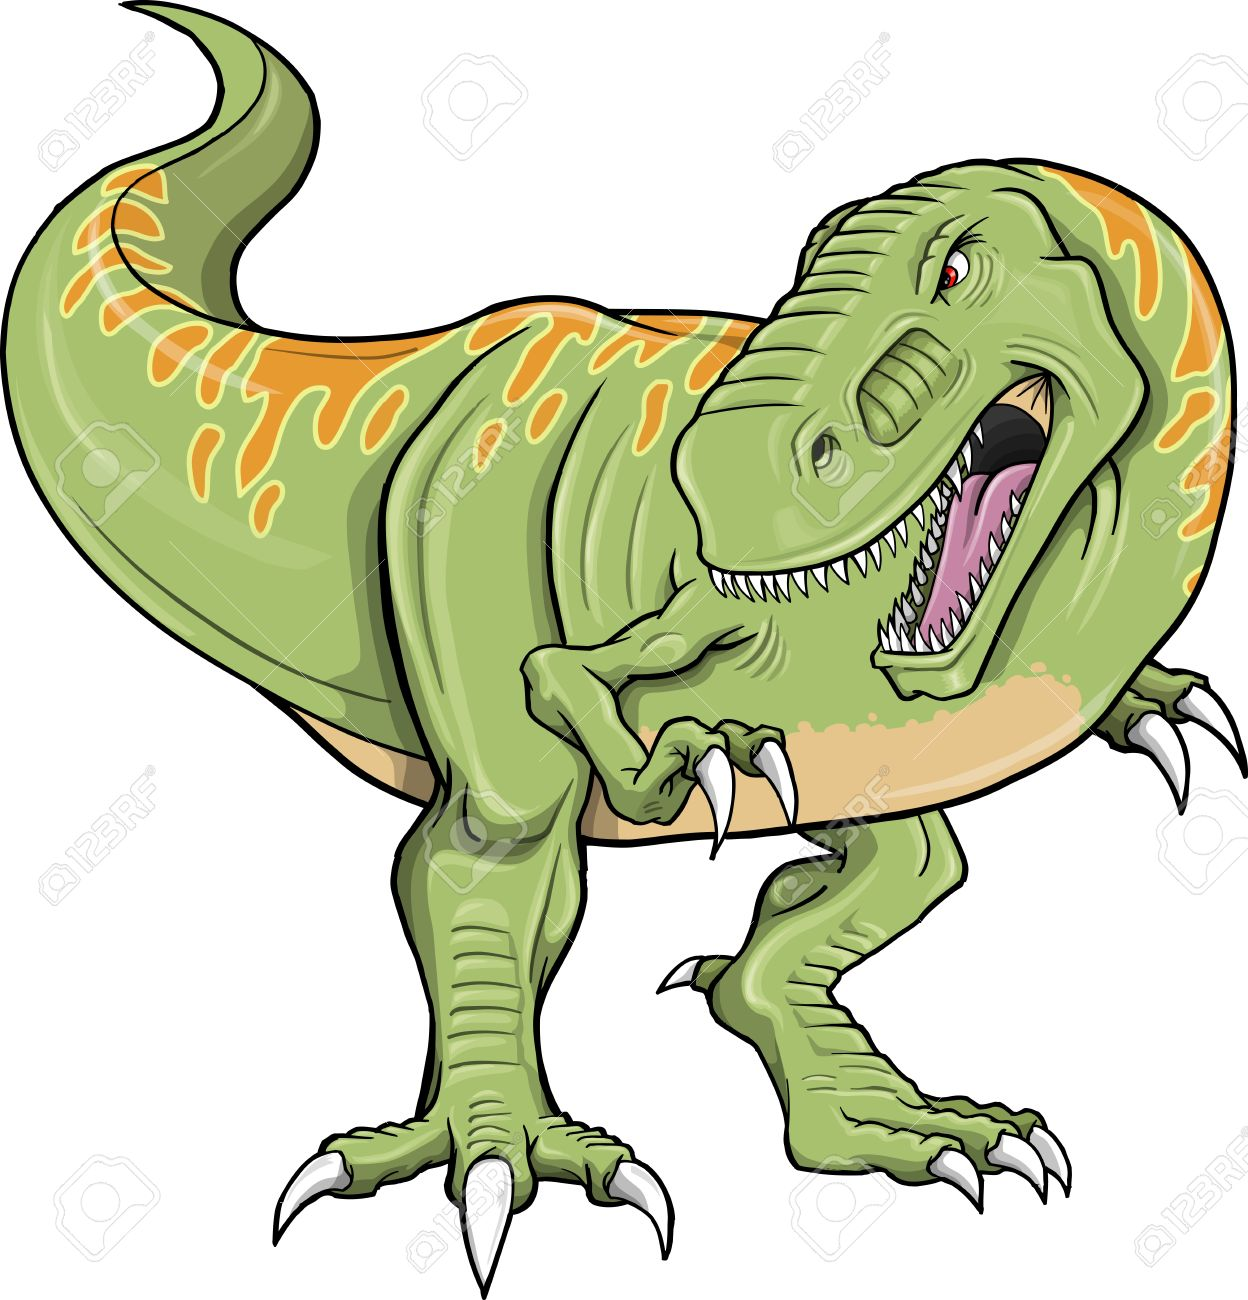 Tyrannosaurus Dinosaur Vector Illustration - 11655612